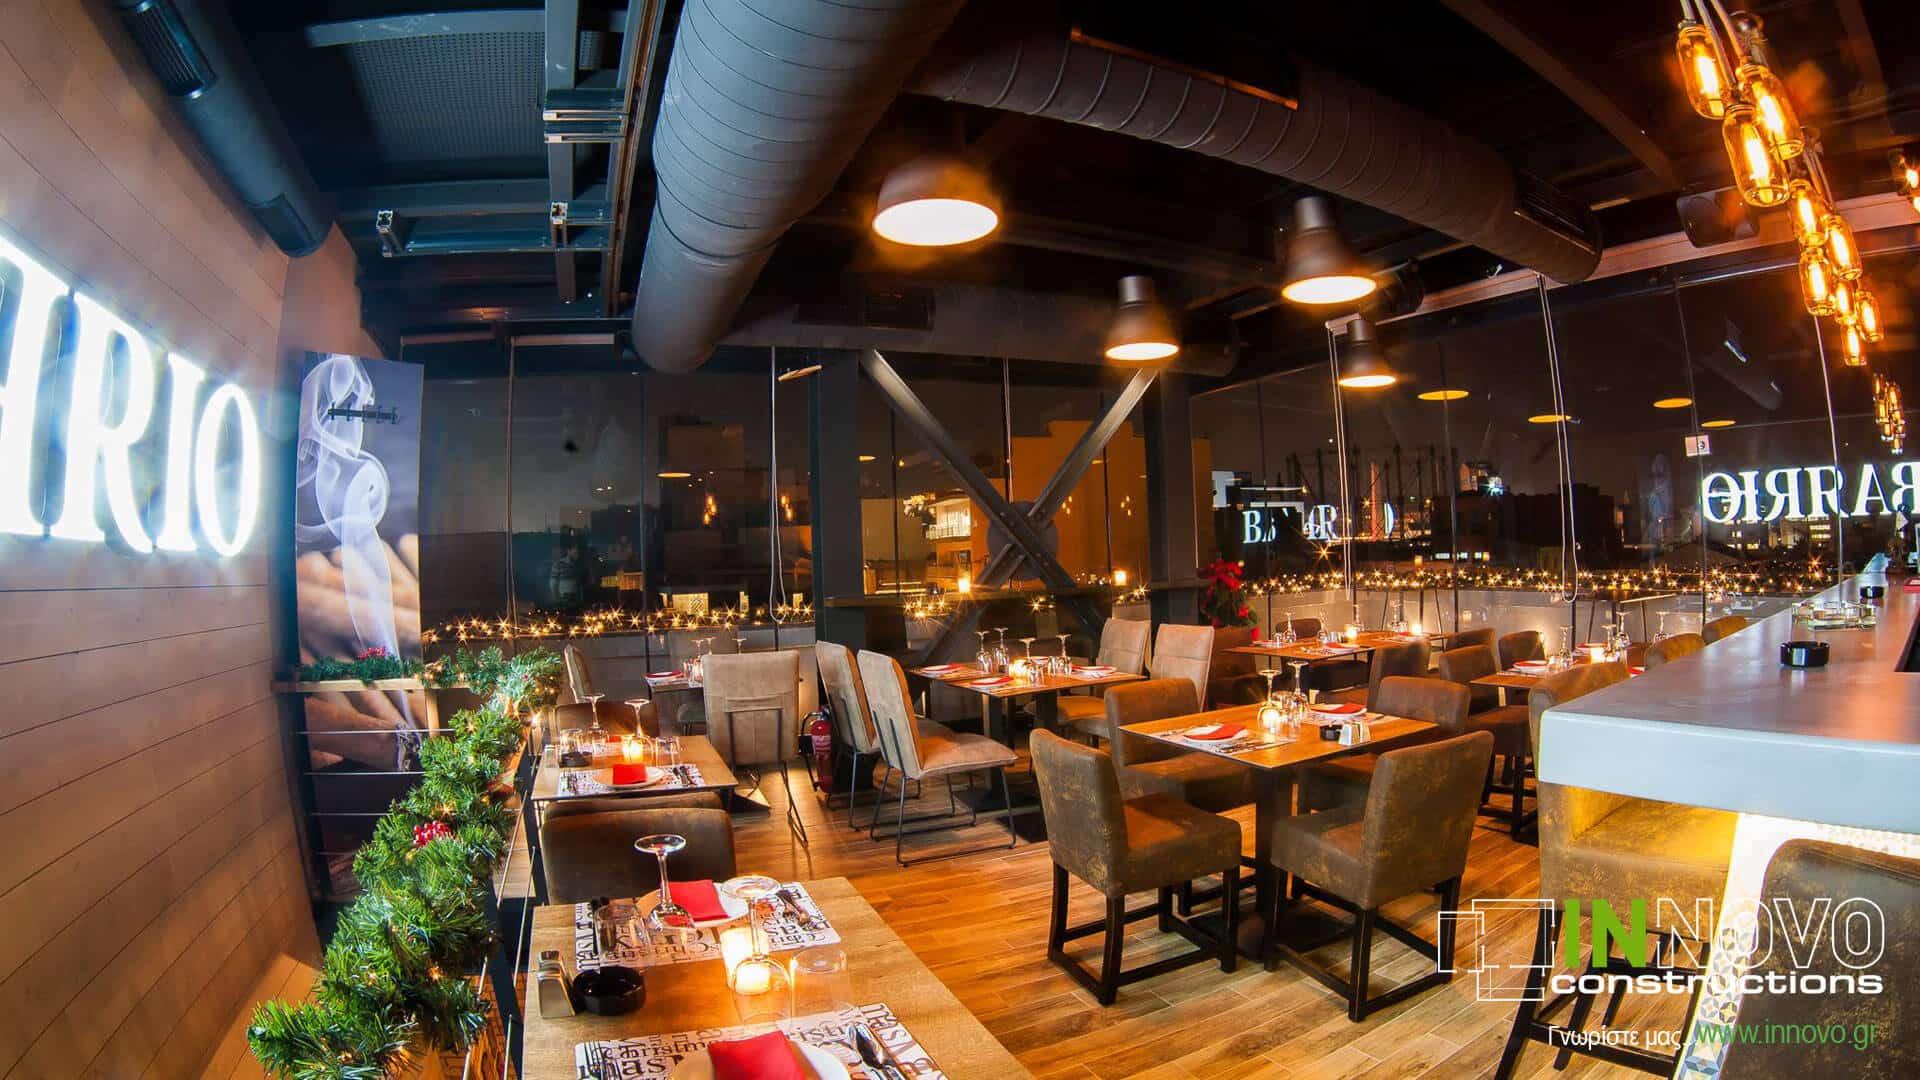 kataskevi-bar-restaurant-construction-bar-restaurant-gkazi-2026-3